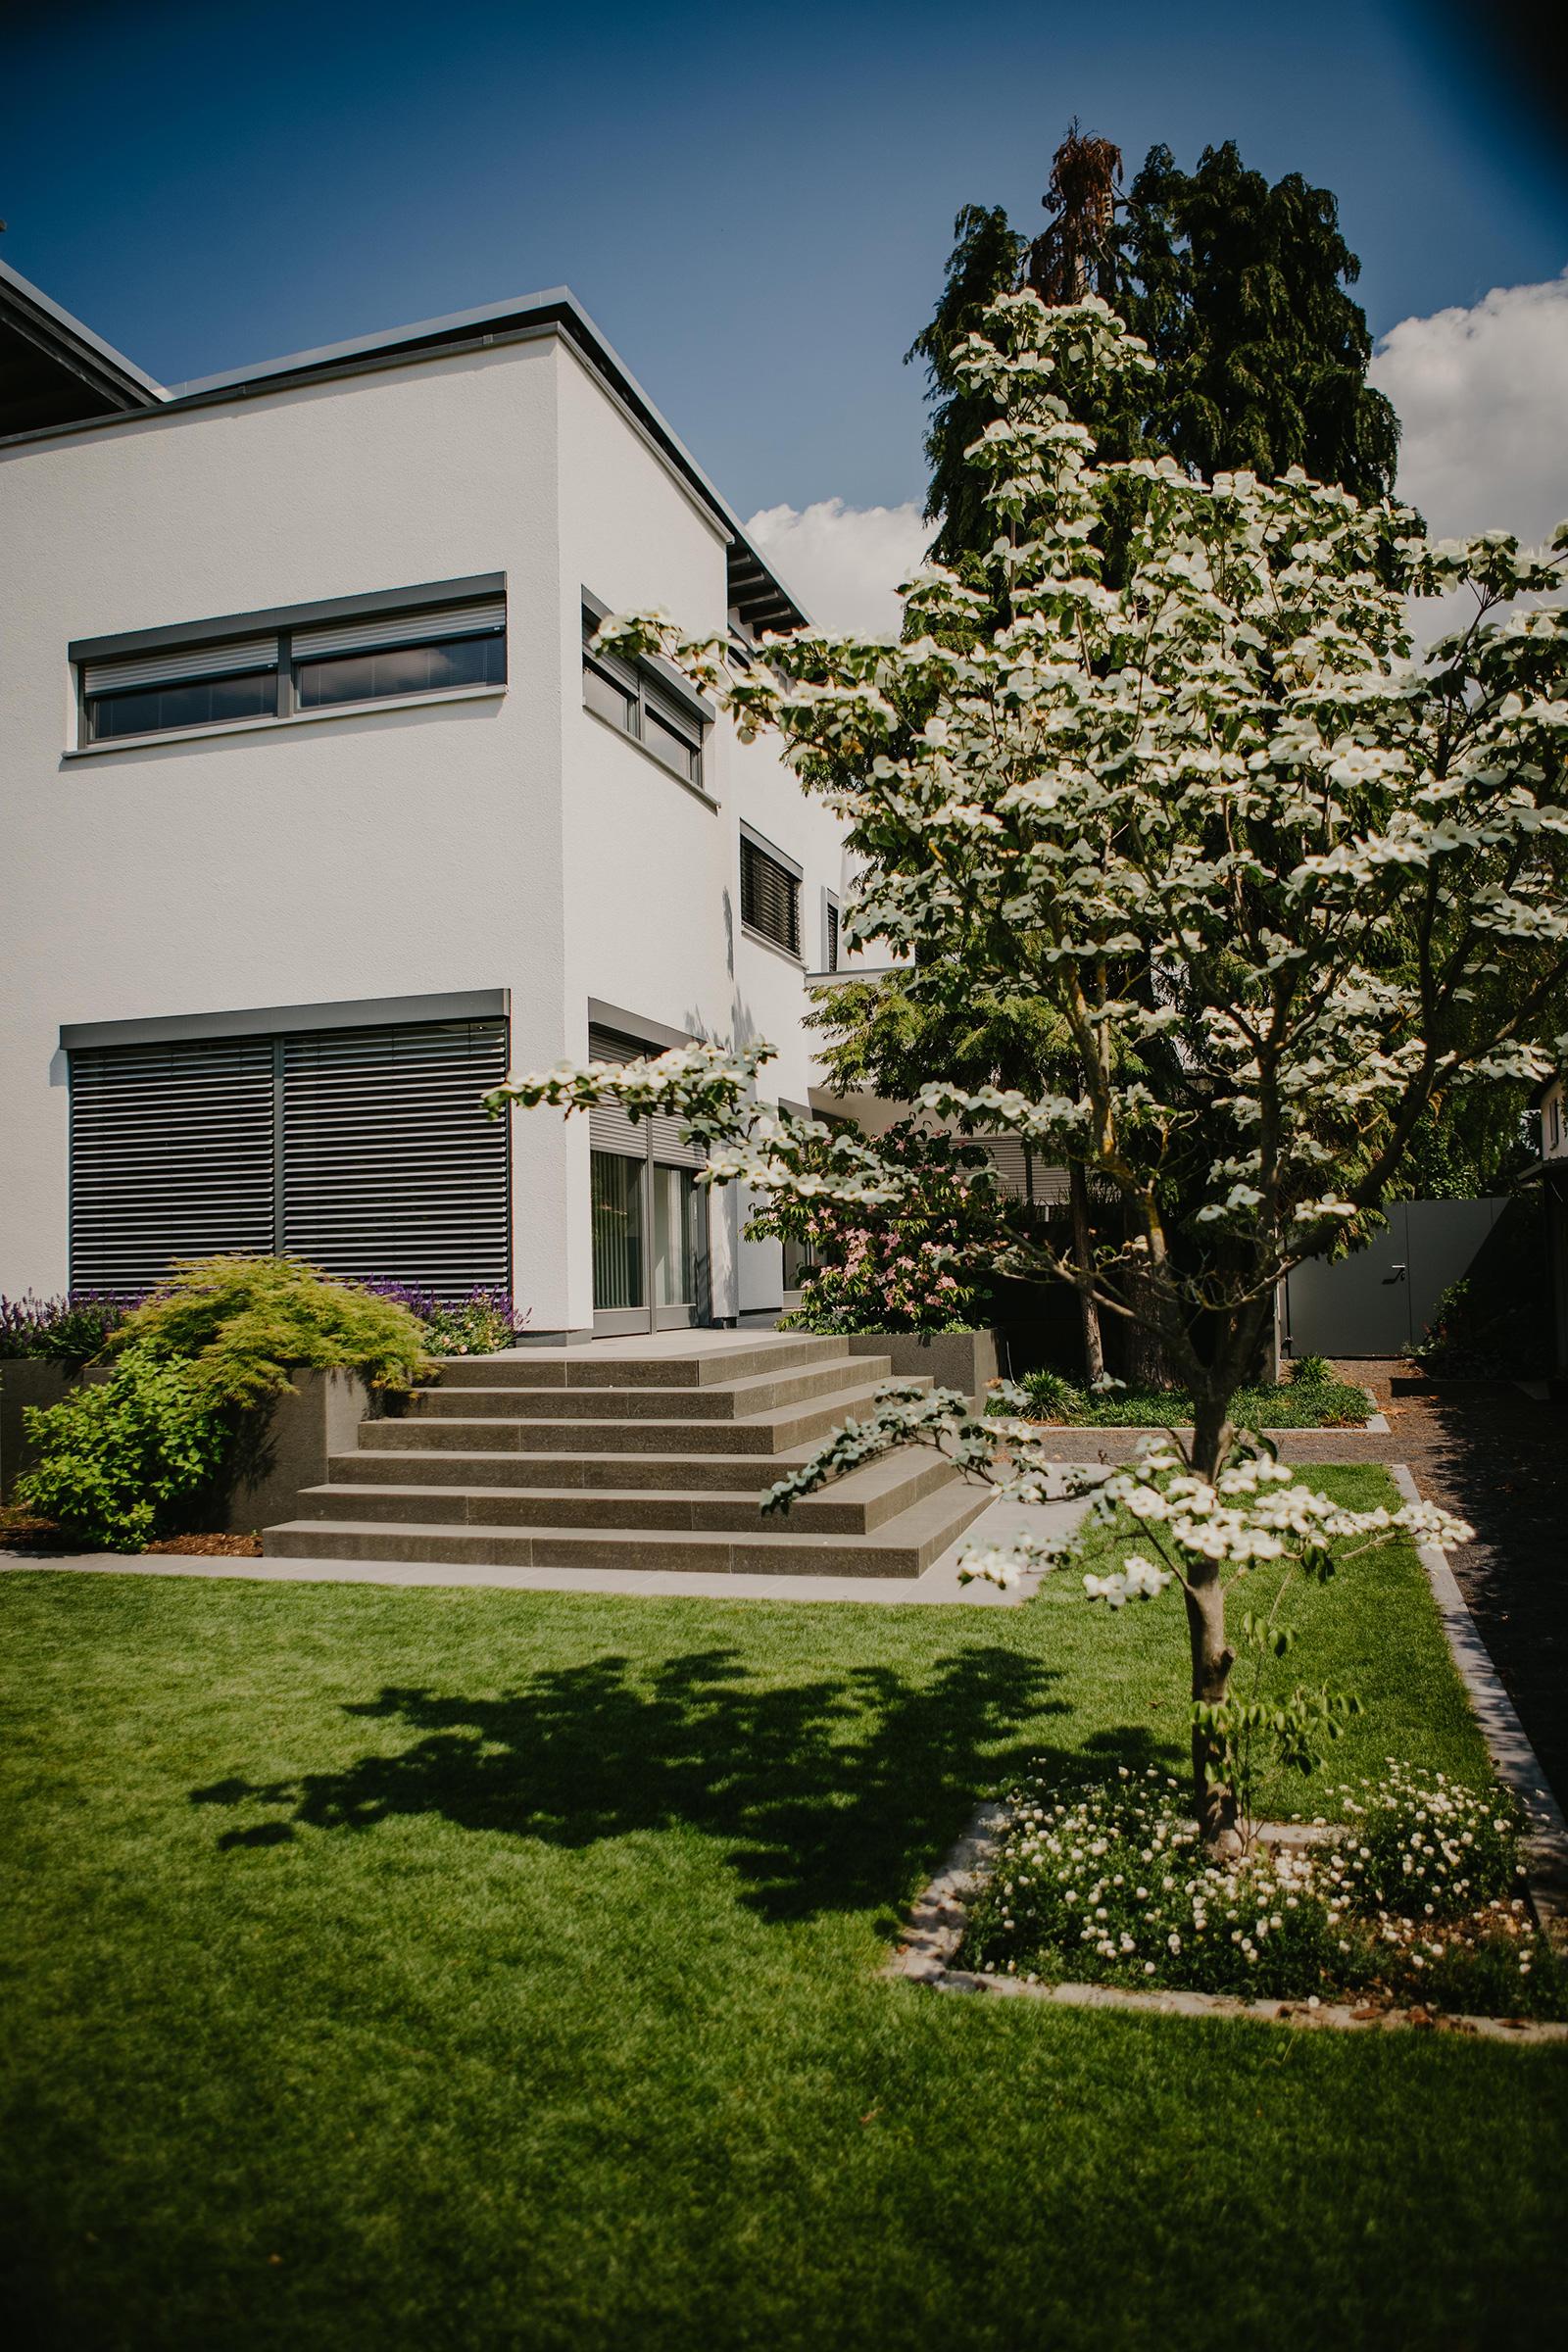 Projekte - Beispiel Gartengestaltung